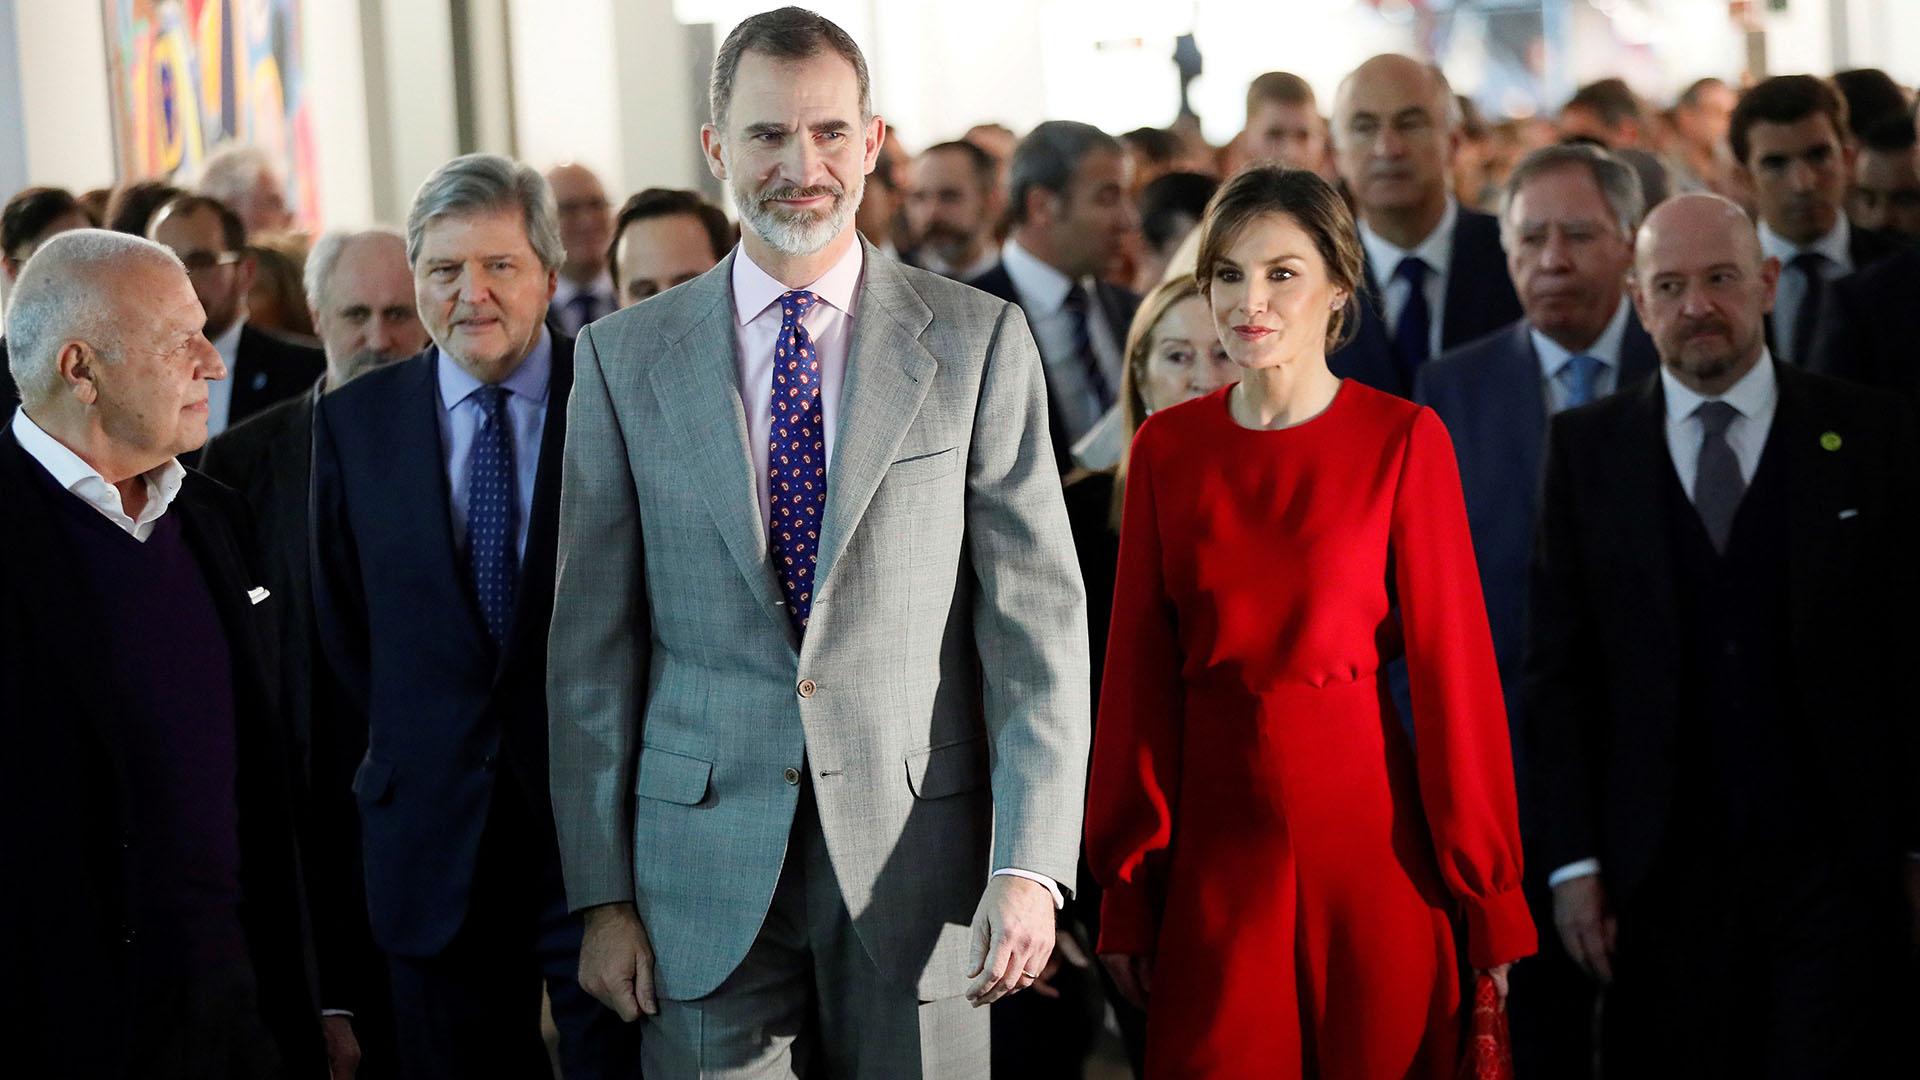 Apasionados por el arte, Felipe y Letizia asisten cada año a la Feria ARCO, incluso cuando eran príncipes de Asturias